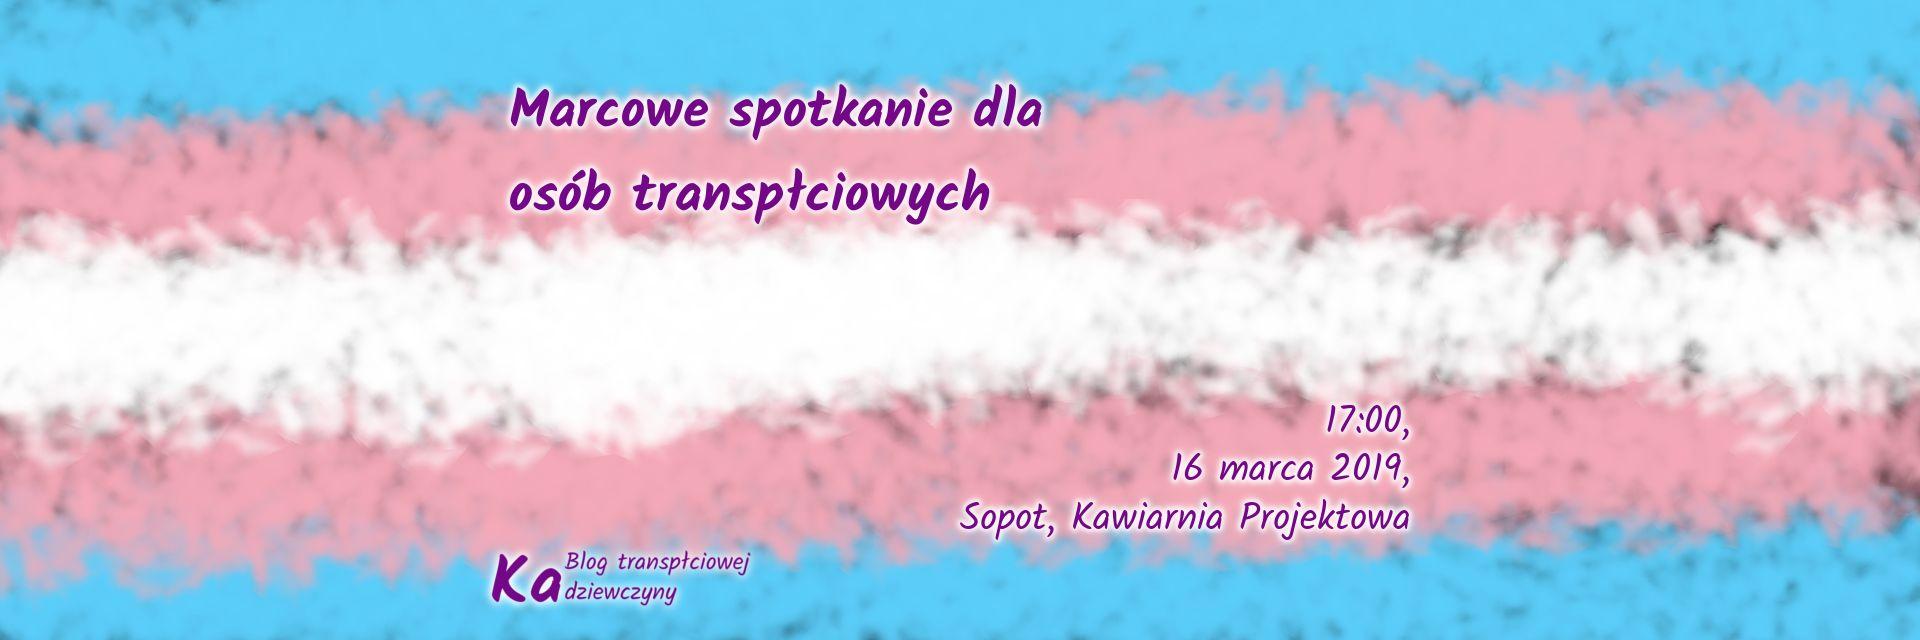 Marcowe spotkanie dla osób transpłciowych